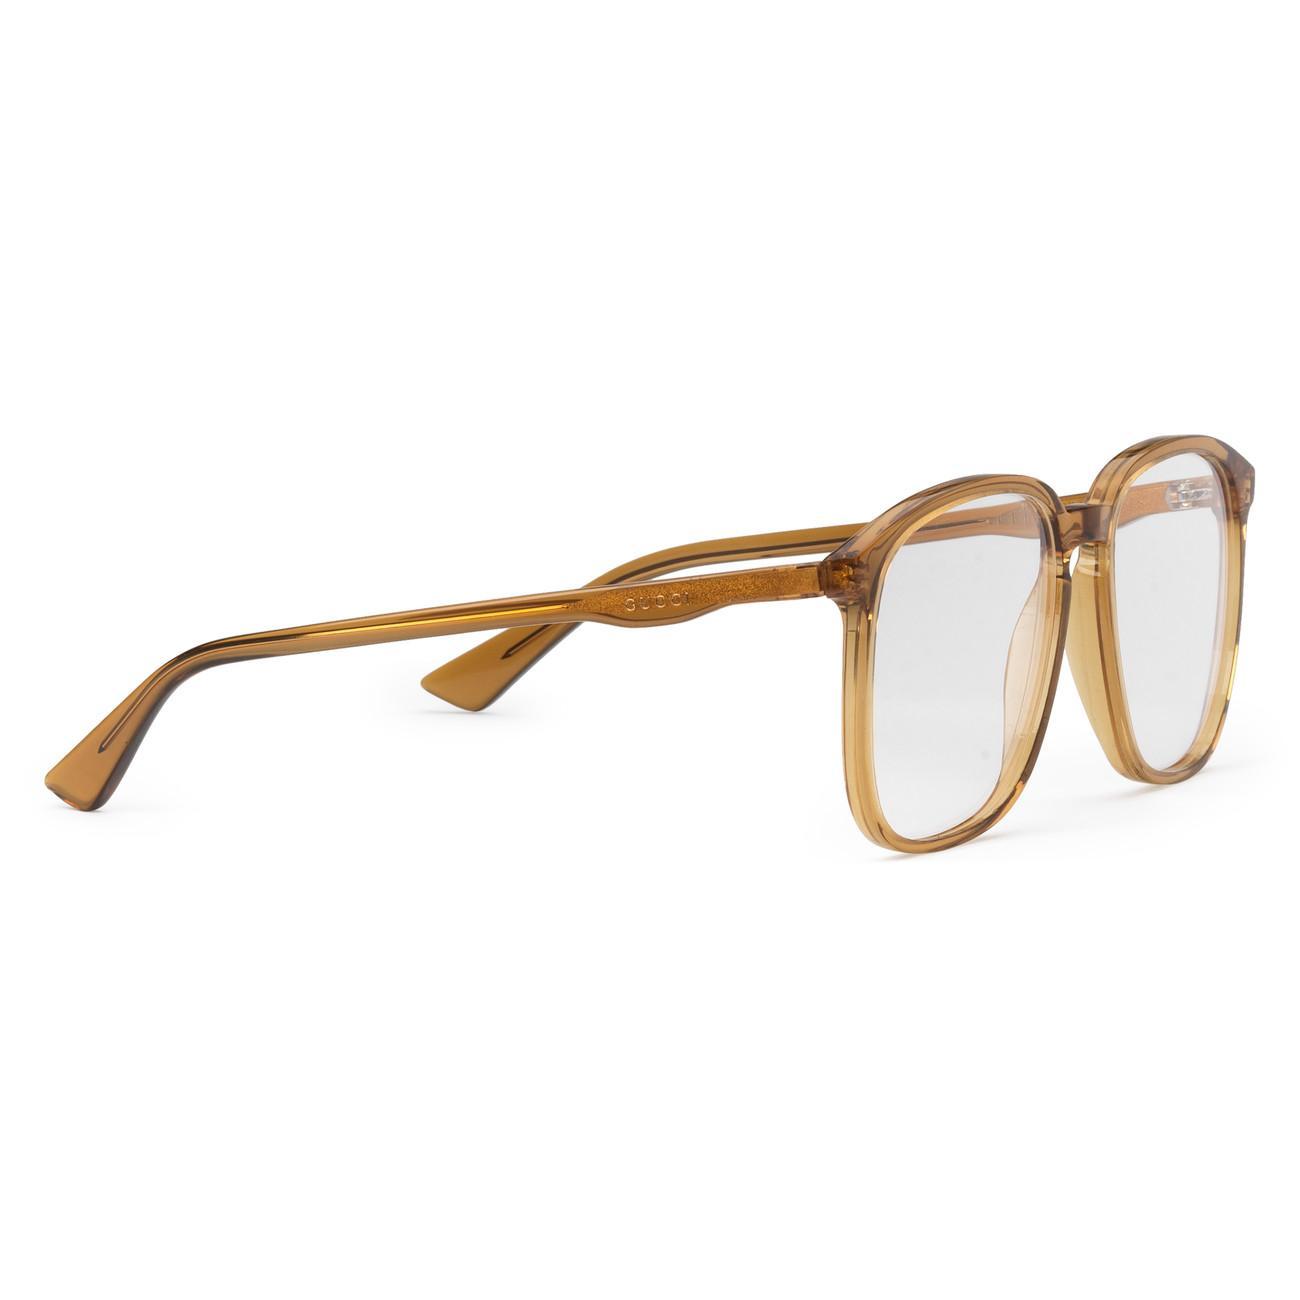 3a6fab0458ca8 Lyst - Gucci Square-frame Acetate Glasses in Orange